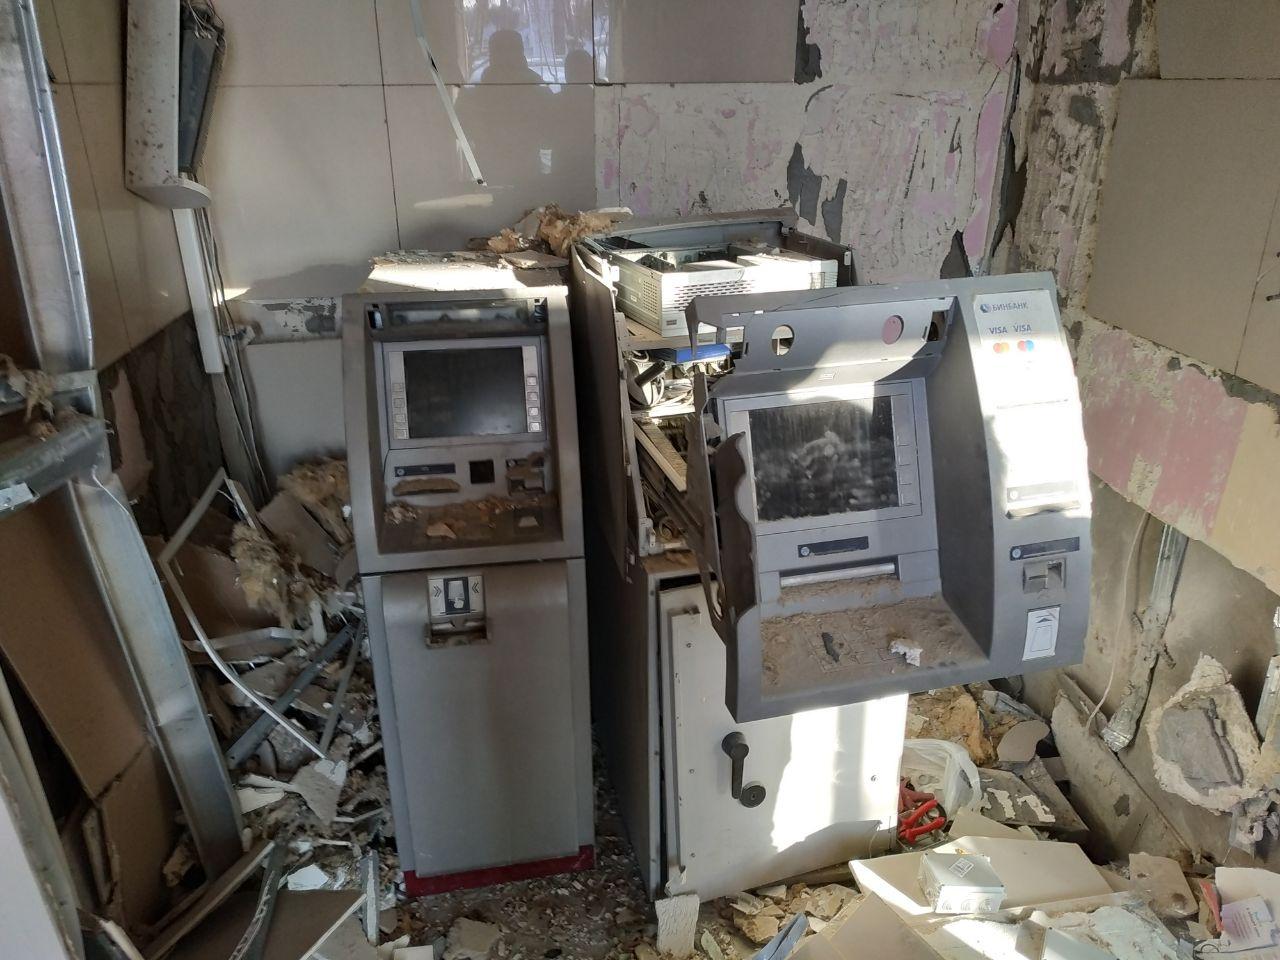 Взрывом повредило не только банкоматы, но и помещение, где они находятся